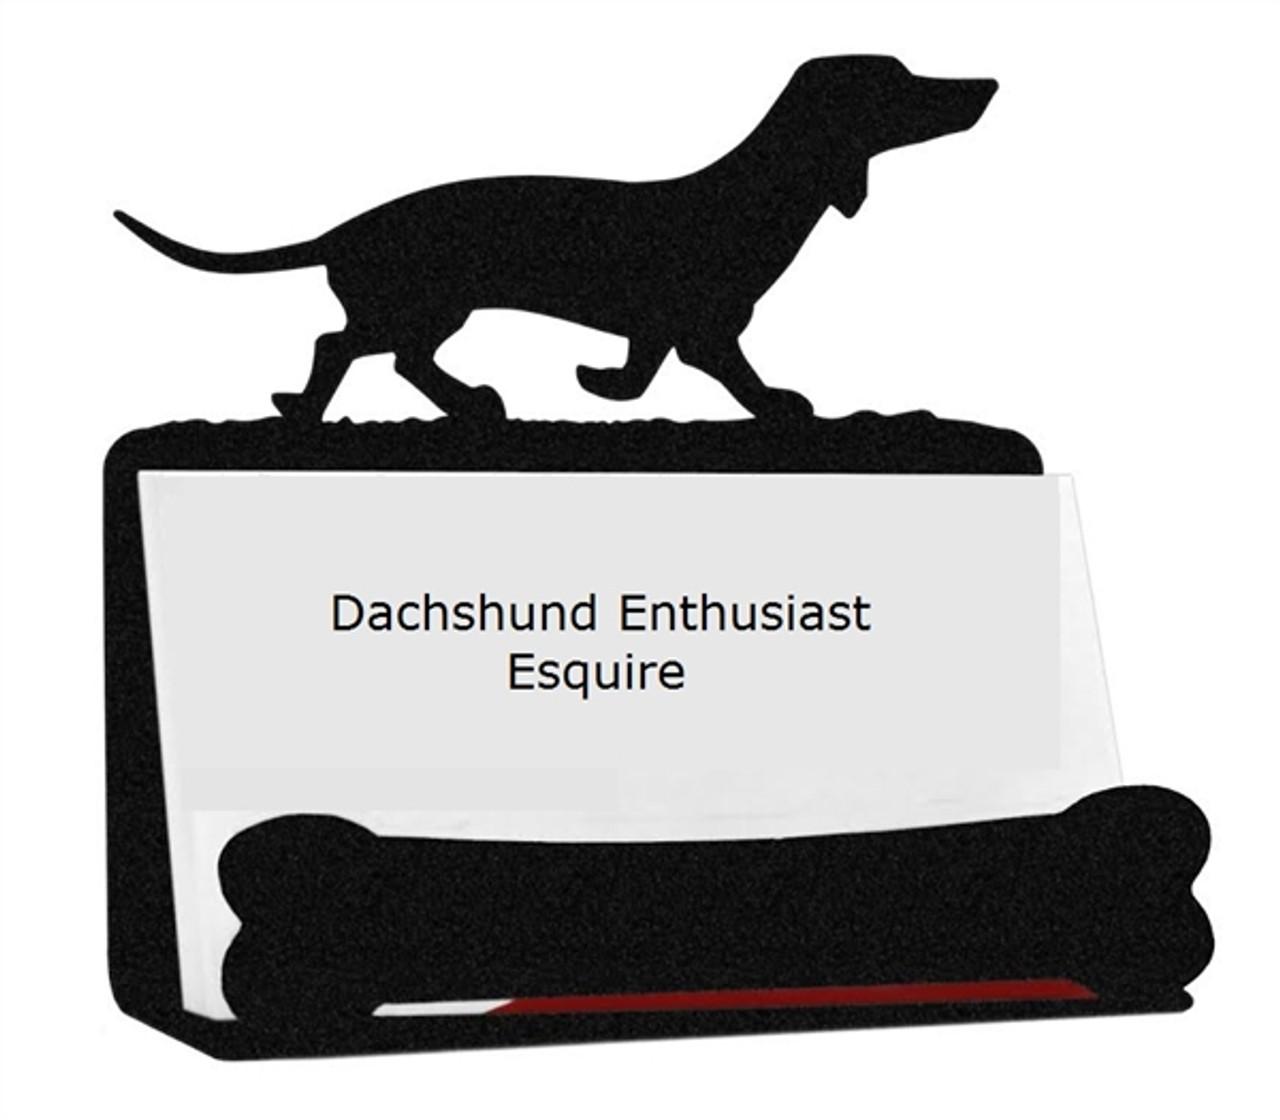 Dachshund wiener dog business card holder dachshund business card holder reheart Image collections